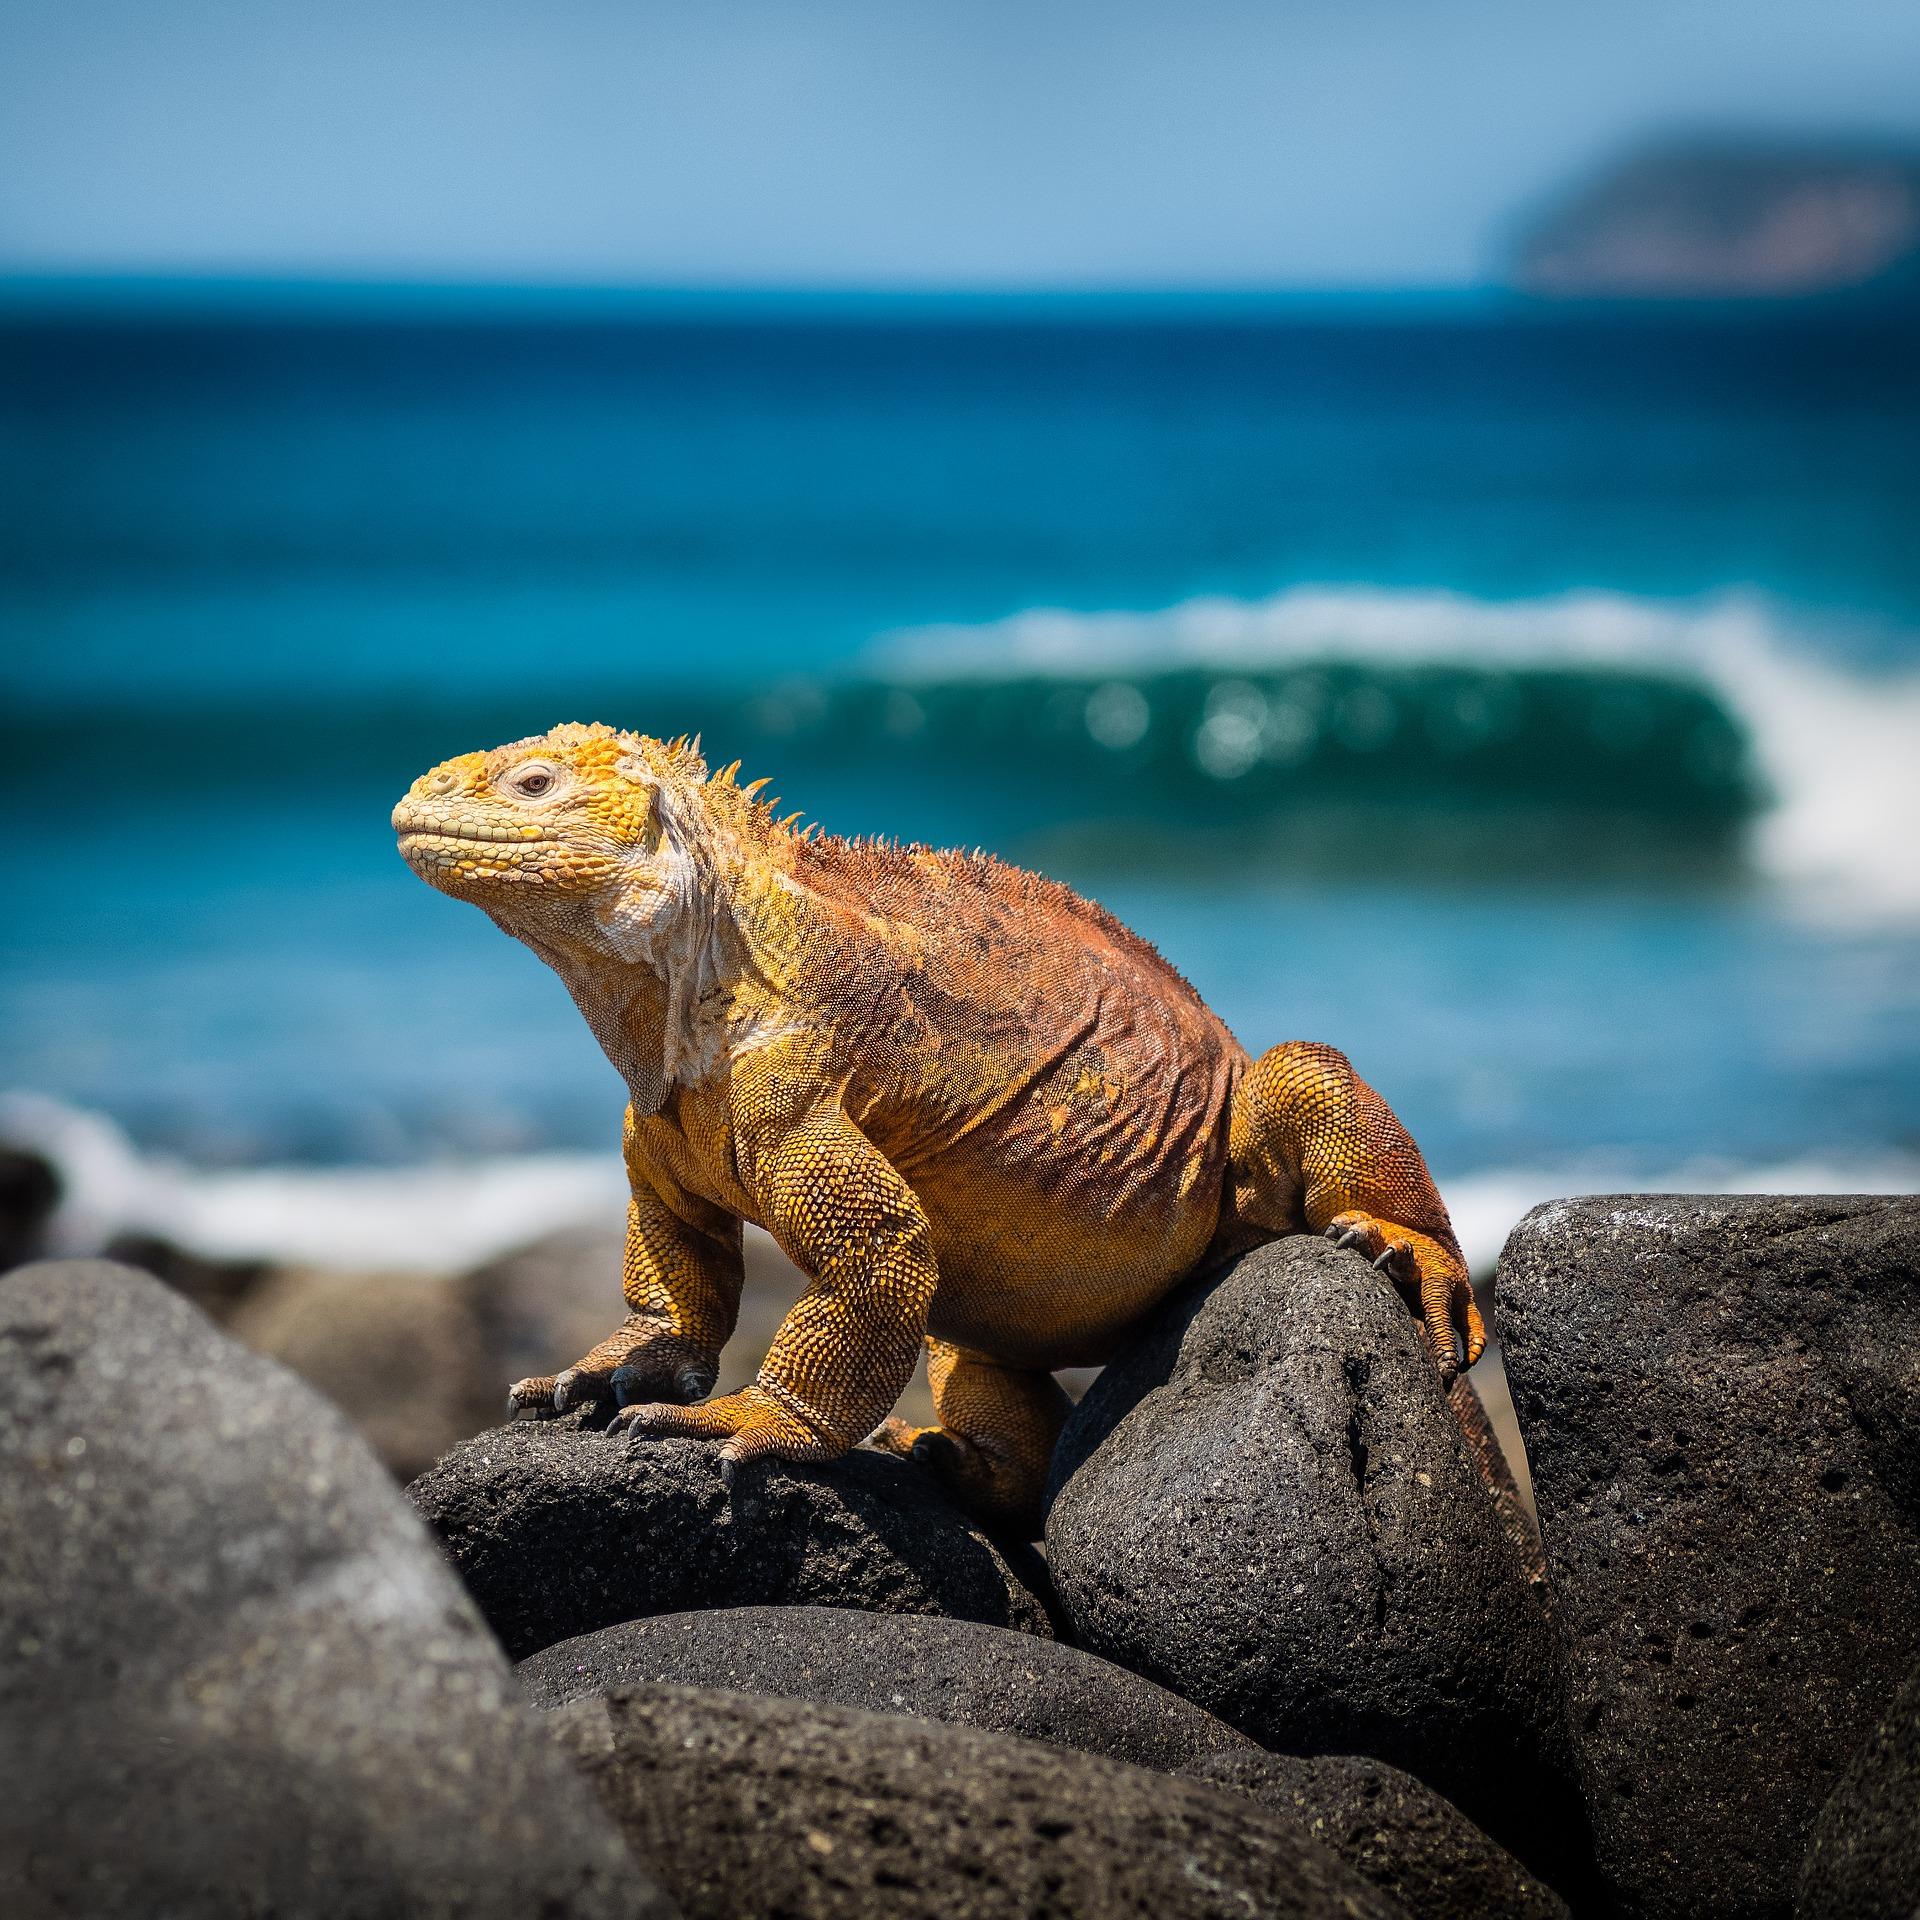 Iguana Lizard of the Galapagos Islands